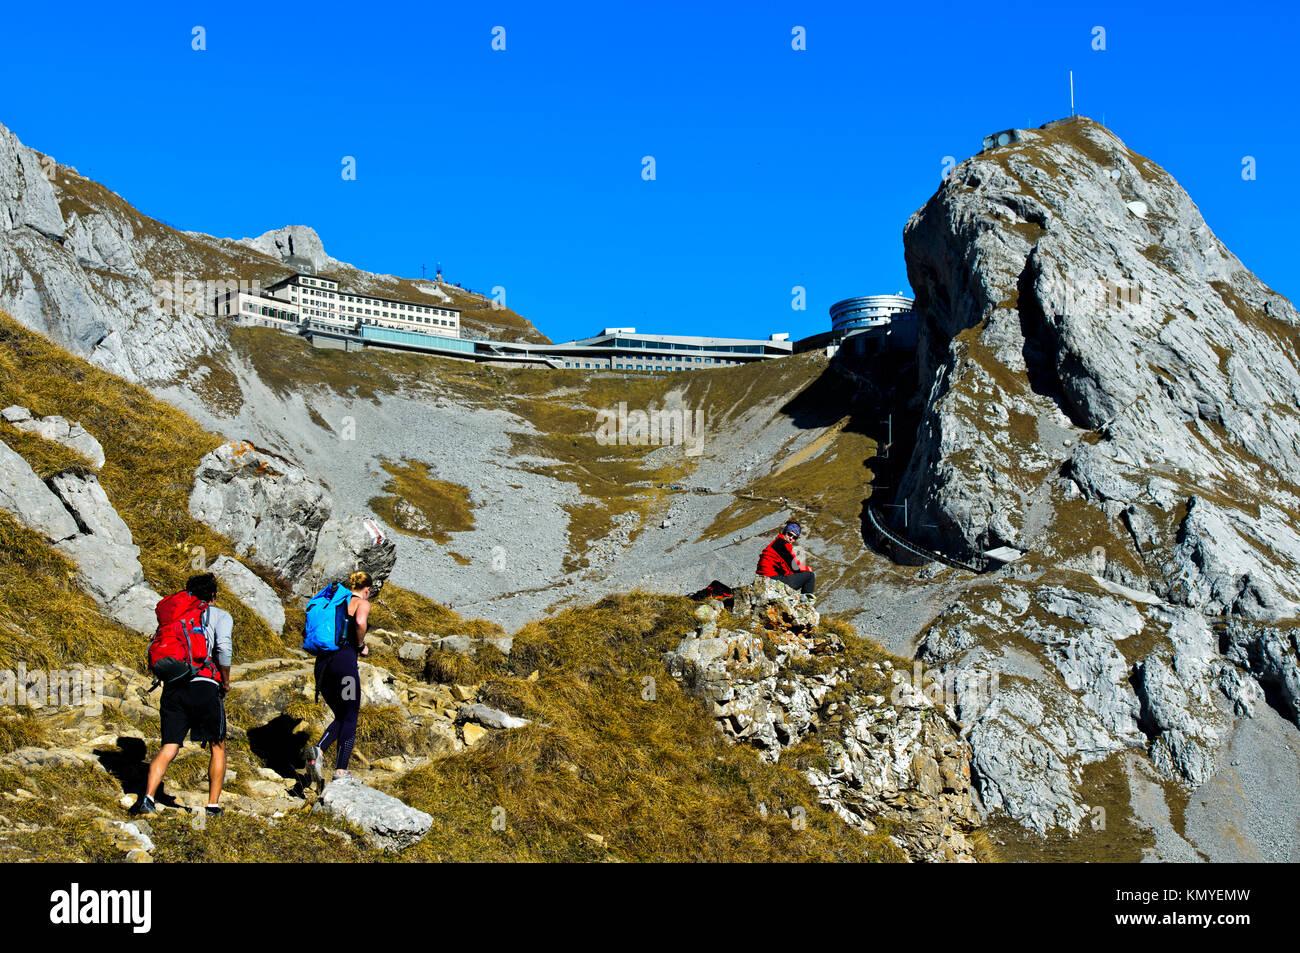 Wanderer in die Pilatus massiv, hinter Hotel Pilatus Kulm und Pilatus Bellevue, Peak Esel, Alpnachstad, Schweiz Stockbild